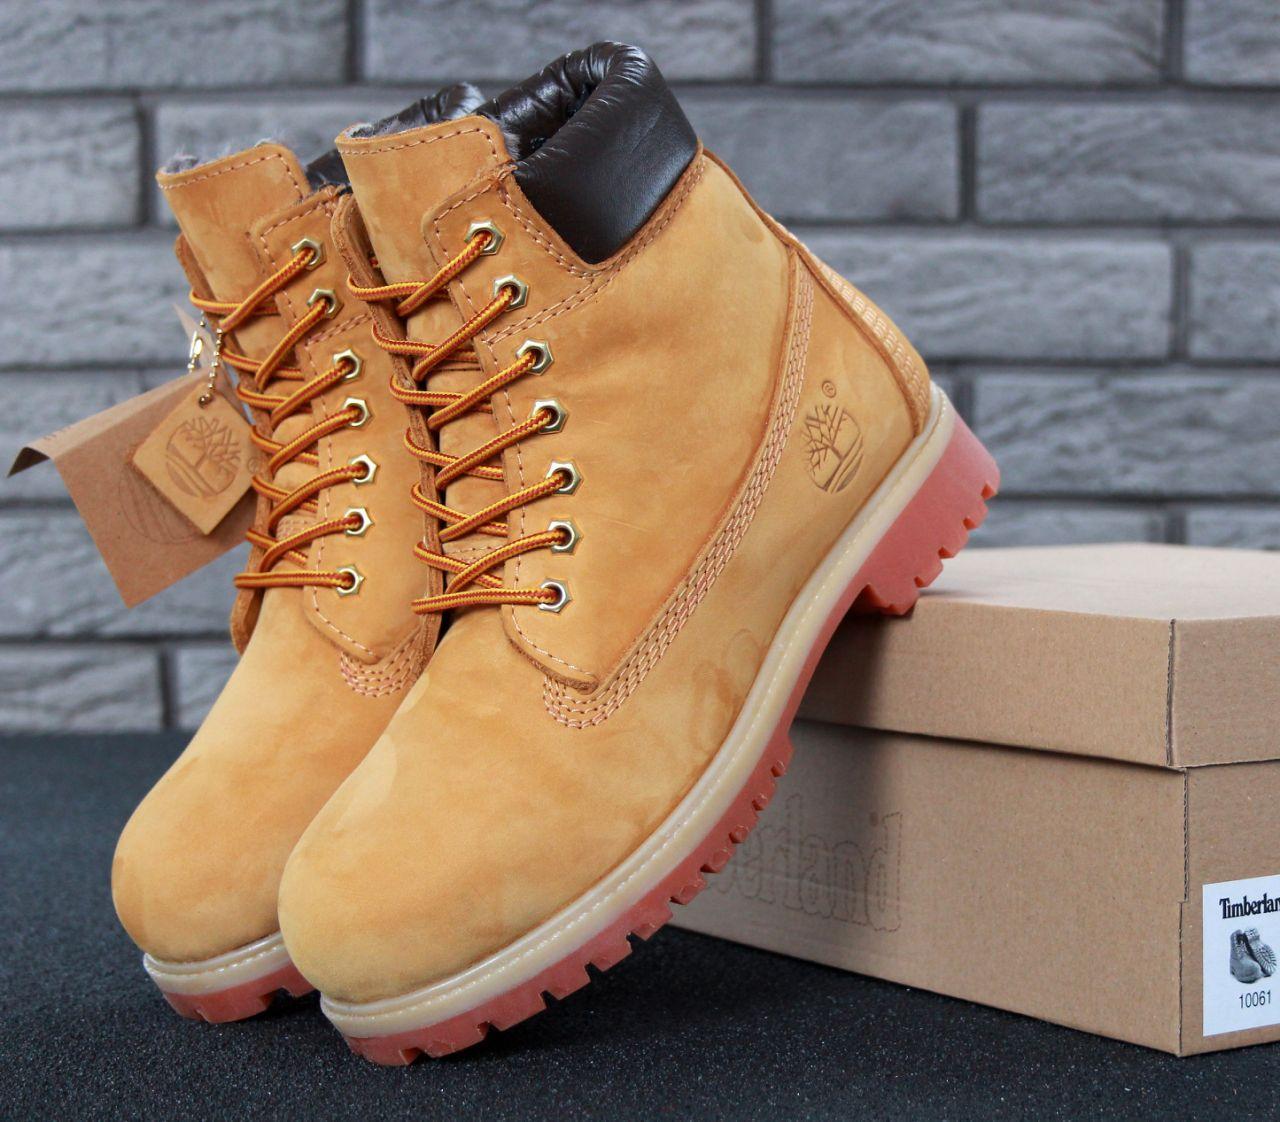 Ботинки Timberland Classic Yellow натуральный мех - Интернет магазин обуви  «im-РоLLi» в d928674e88f